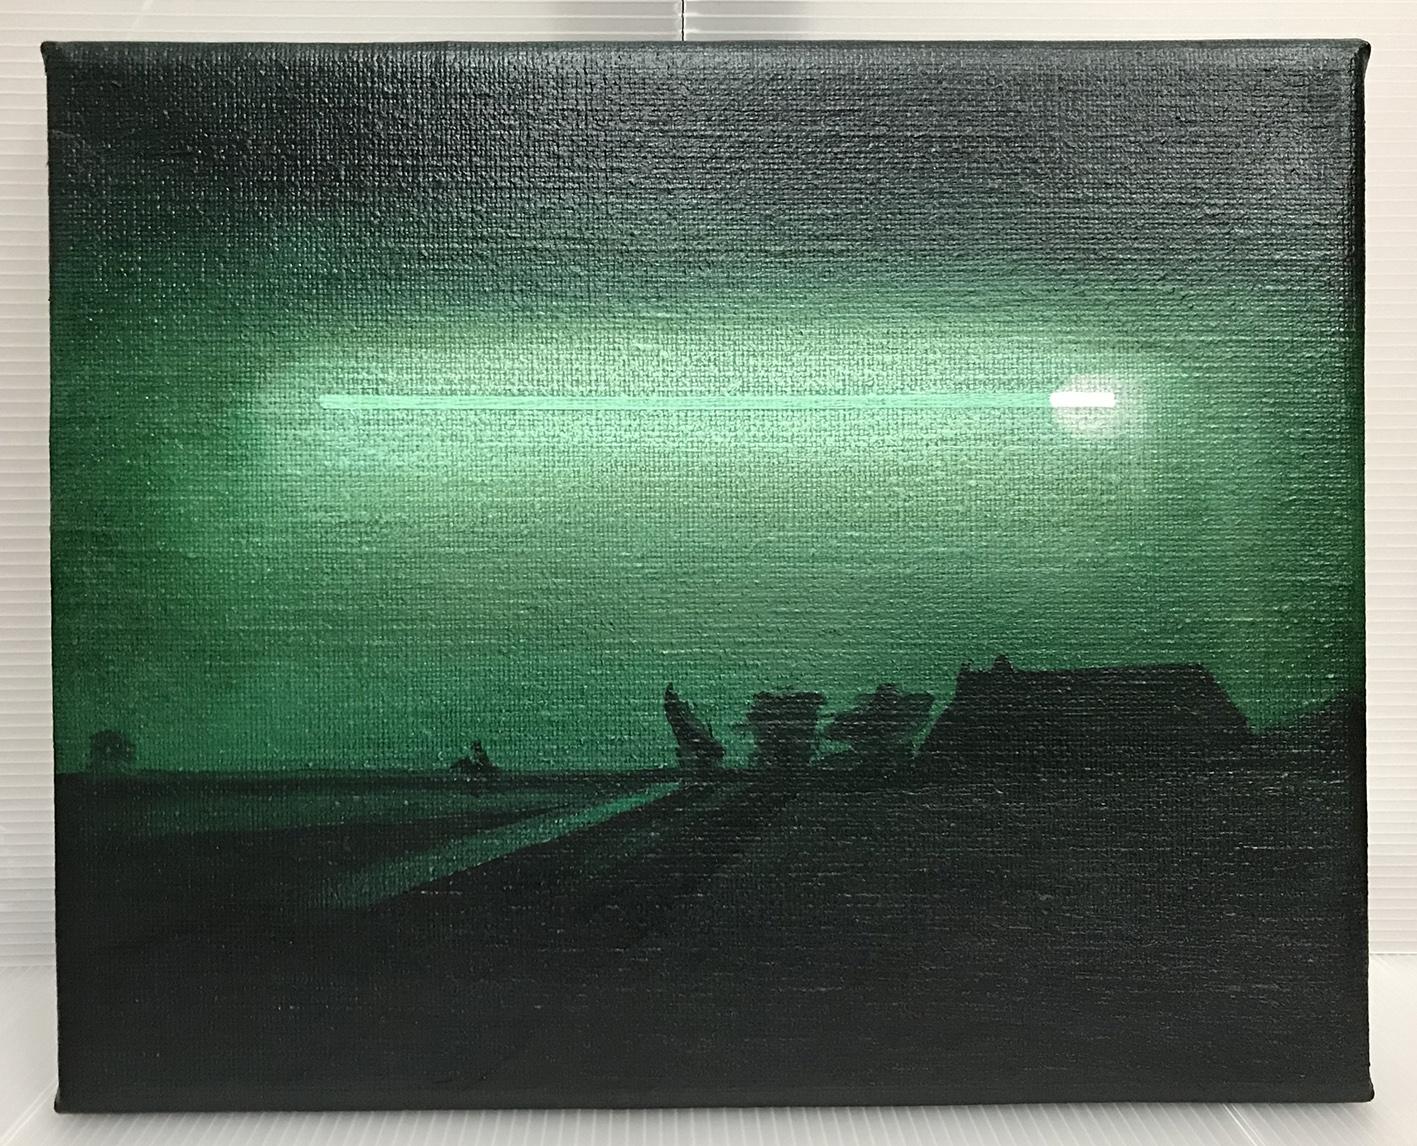 Vincent Land Gogh 4 (22x27cm) 2020